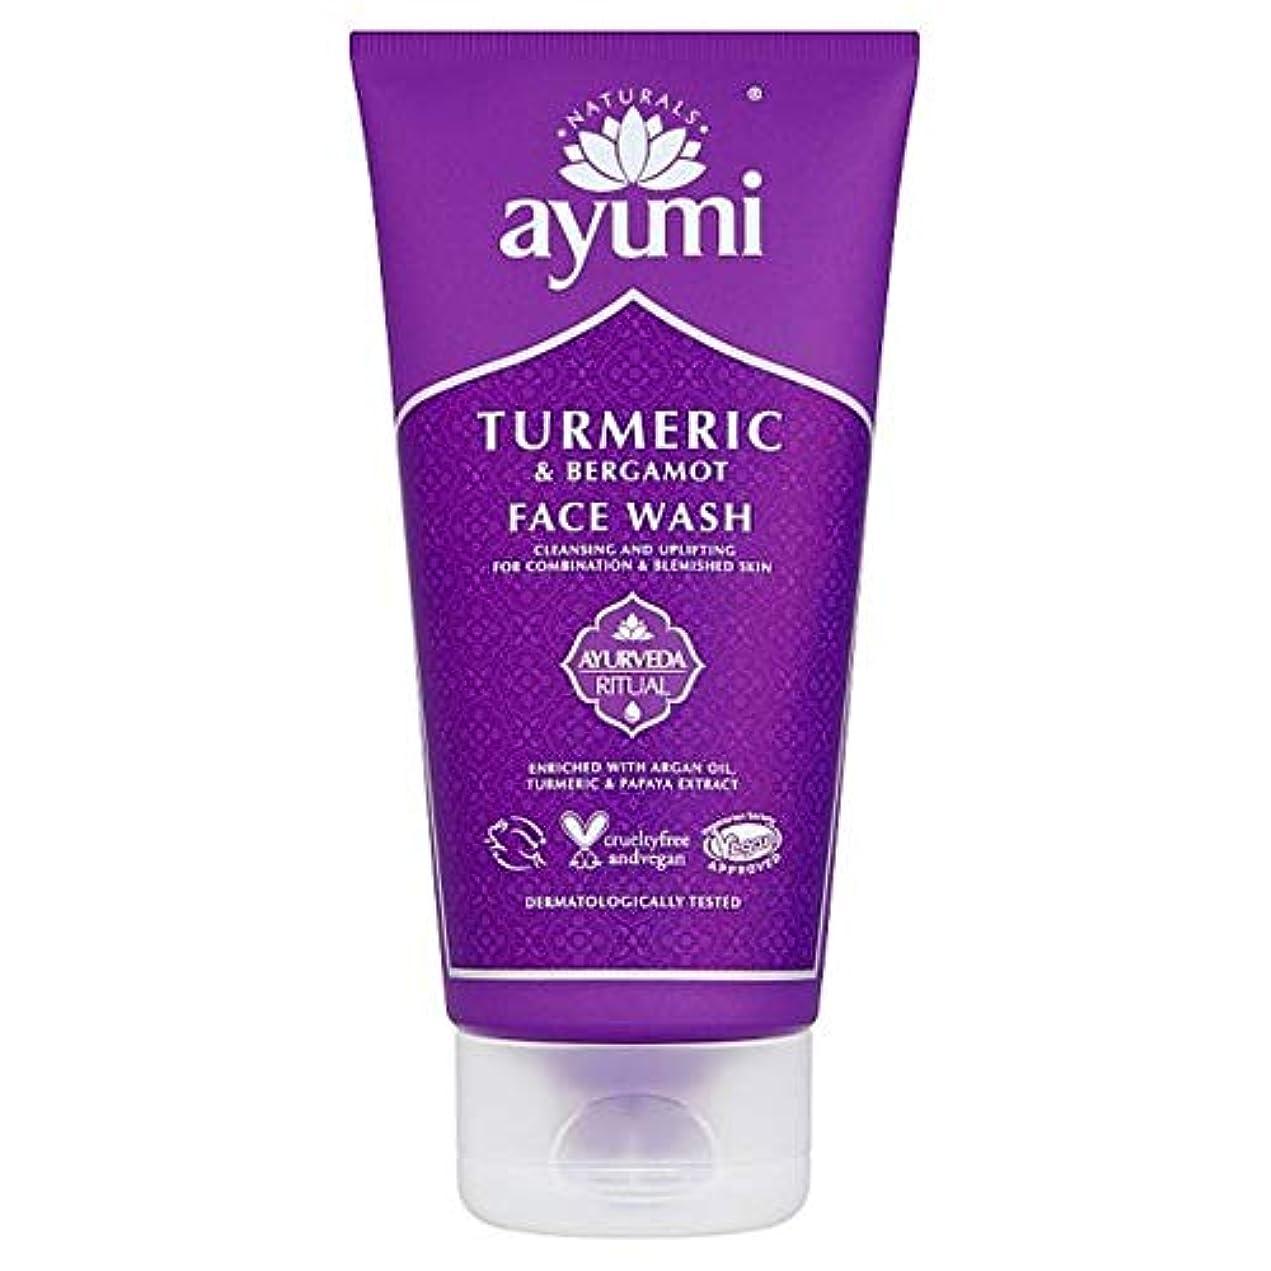 ネクタイバックアップ物理的に[Ayuuri] あゆみウコンとベルガモット洗顔の150ミリリットル - Ayumi Turmeric And Bergamot Face Wash 150Ml [並行輸入品]